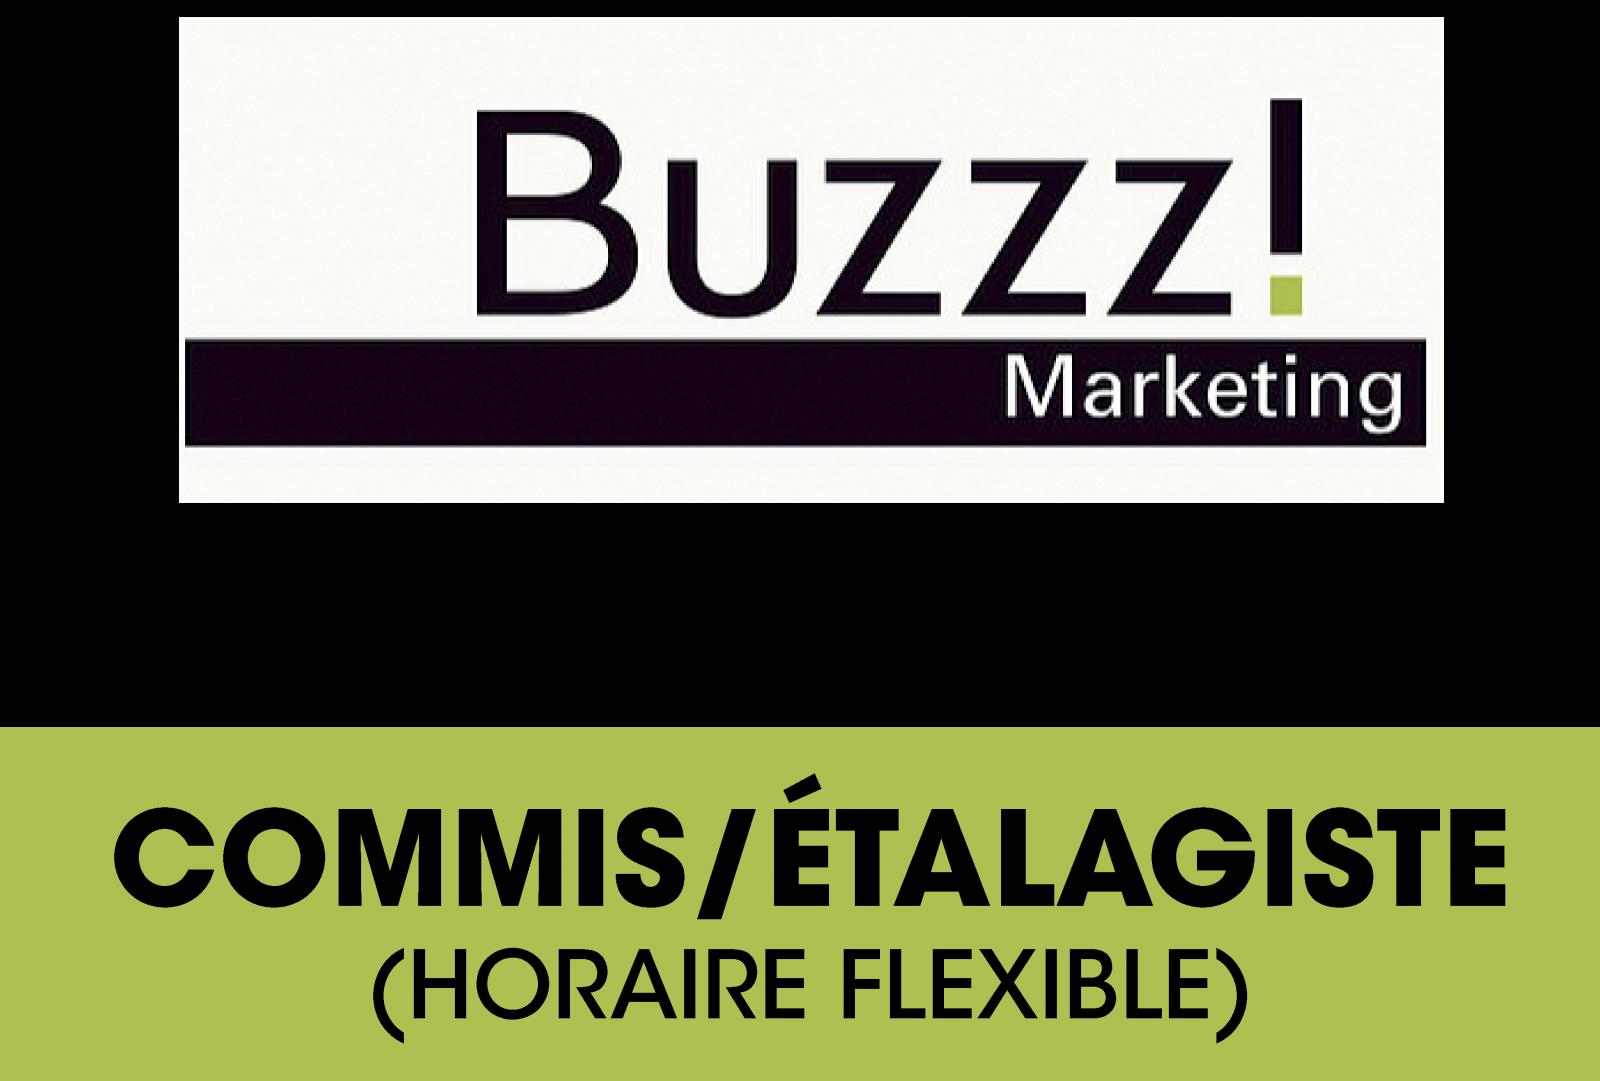 Buzzz! Marketing est actuellement à la recherche COMMIS/ÉTALAGISTE